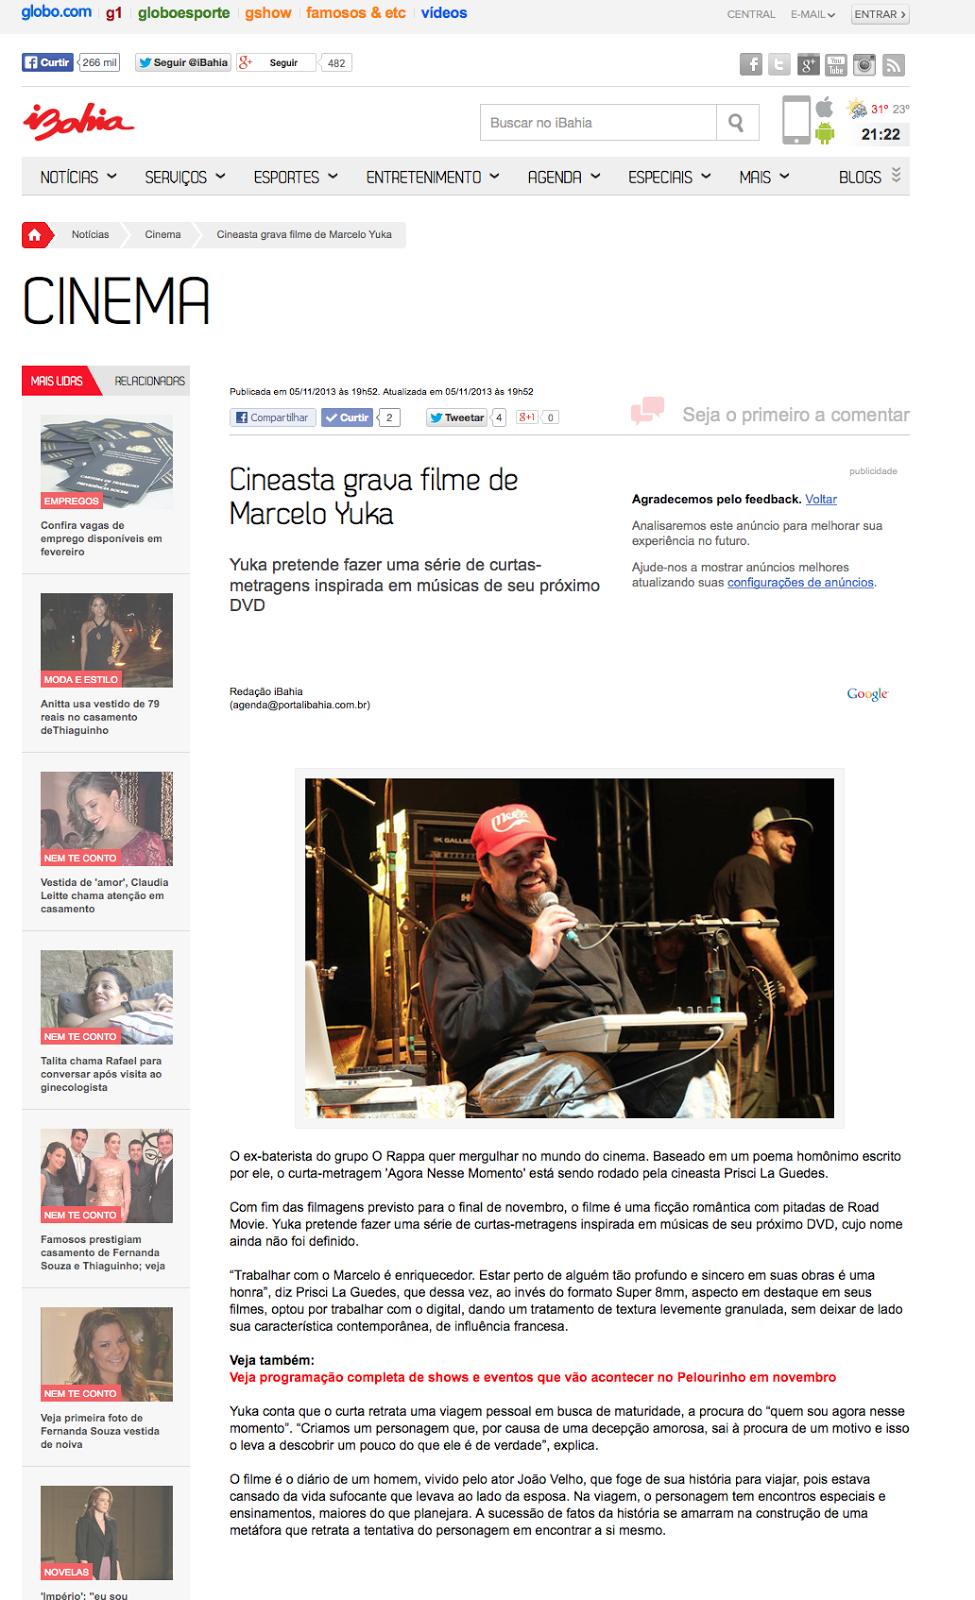 http://www.ibahia.com/detalhe/noticia/cineasta-grava-filme-de-marcelo-yuka/?cHash=0aebcaf7cbc7904ccde27e3df30654ec